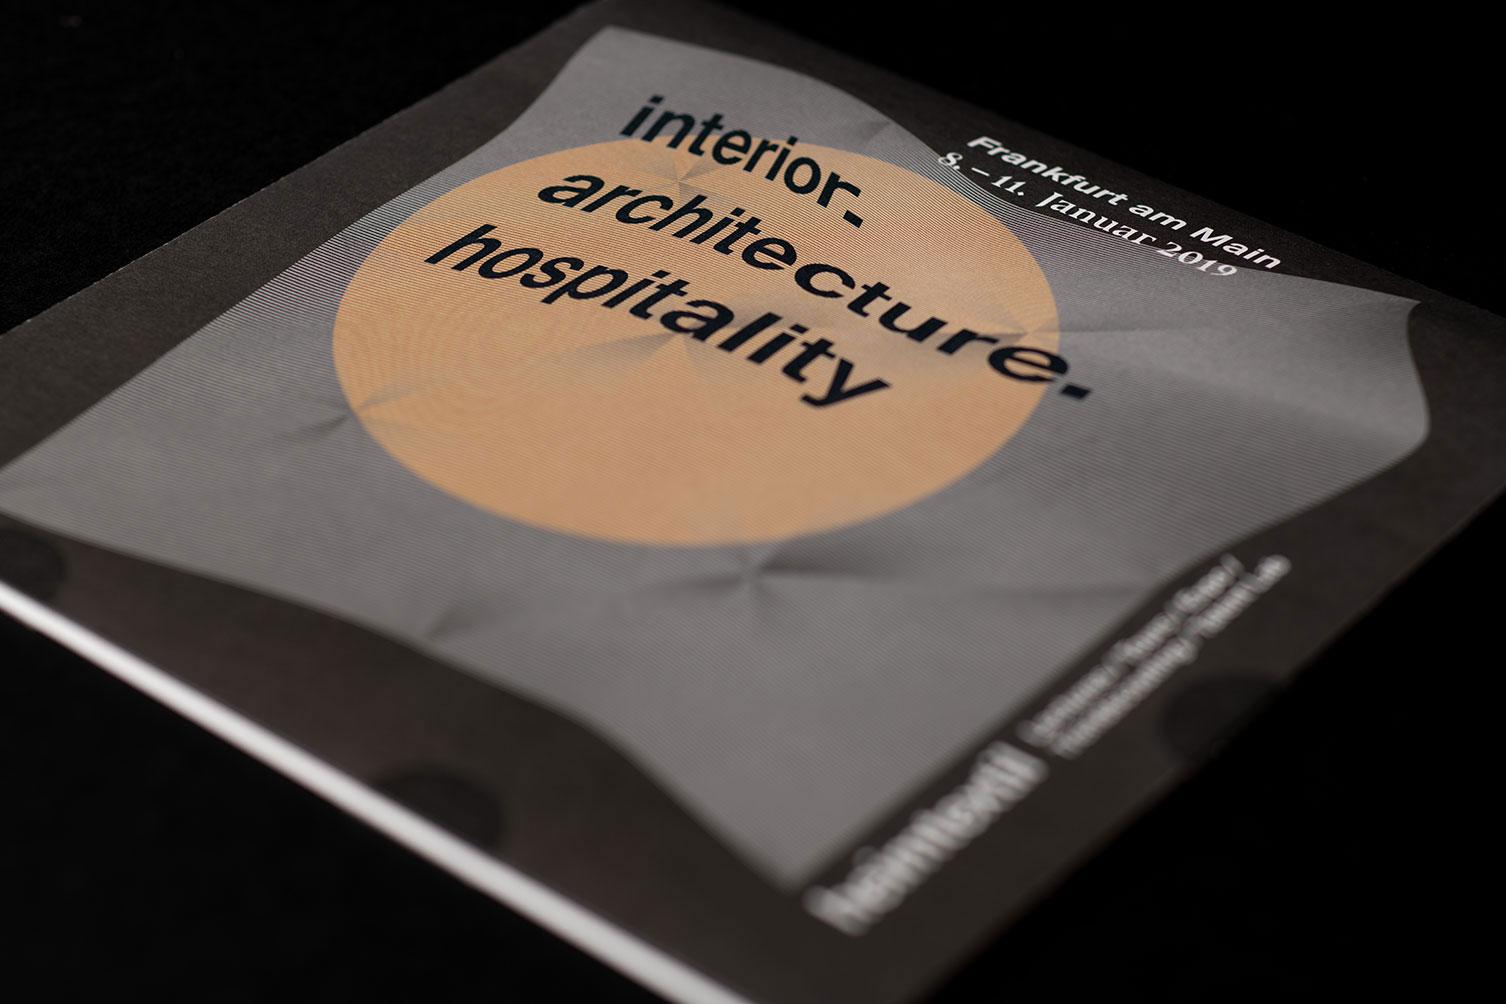 heimtextil, Flyer, AIT, Messe, Frankfurt